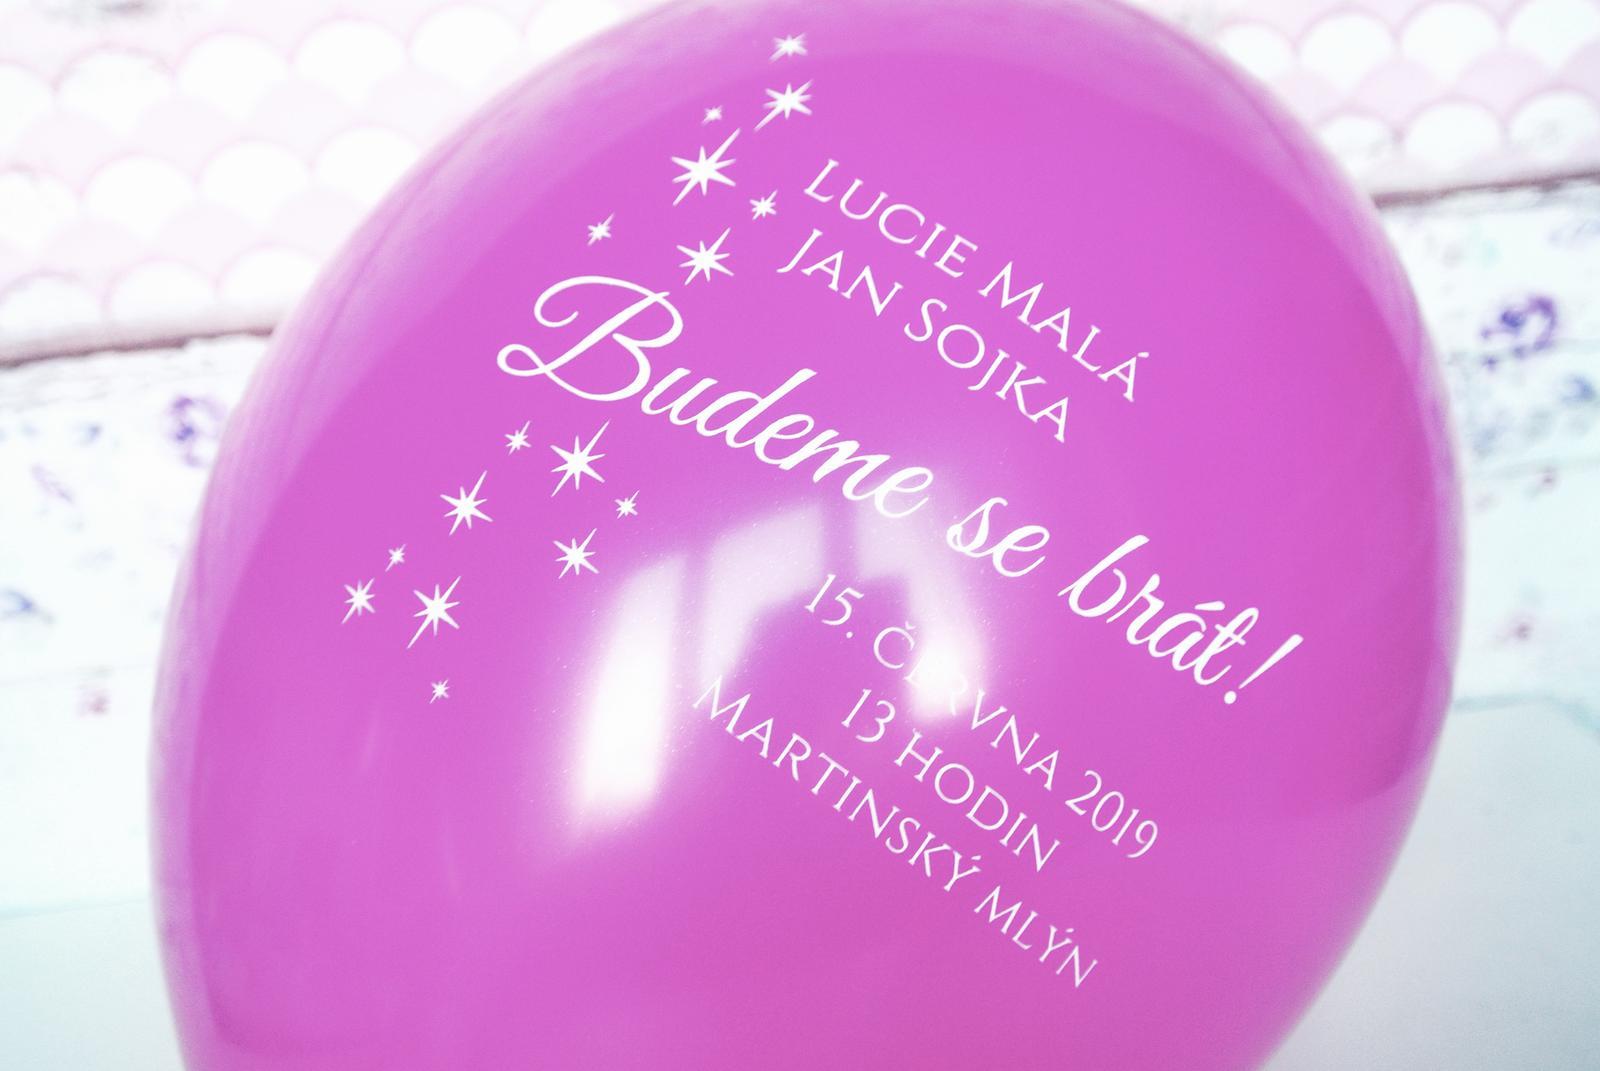 Originální balonkové svatební oznámení - Obrázek č. 5